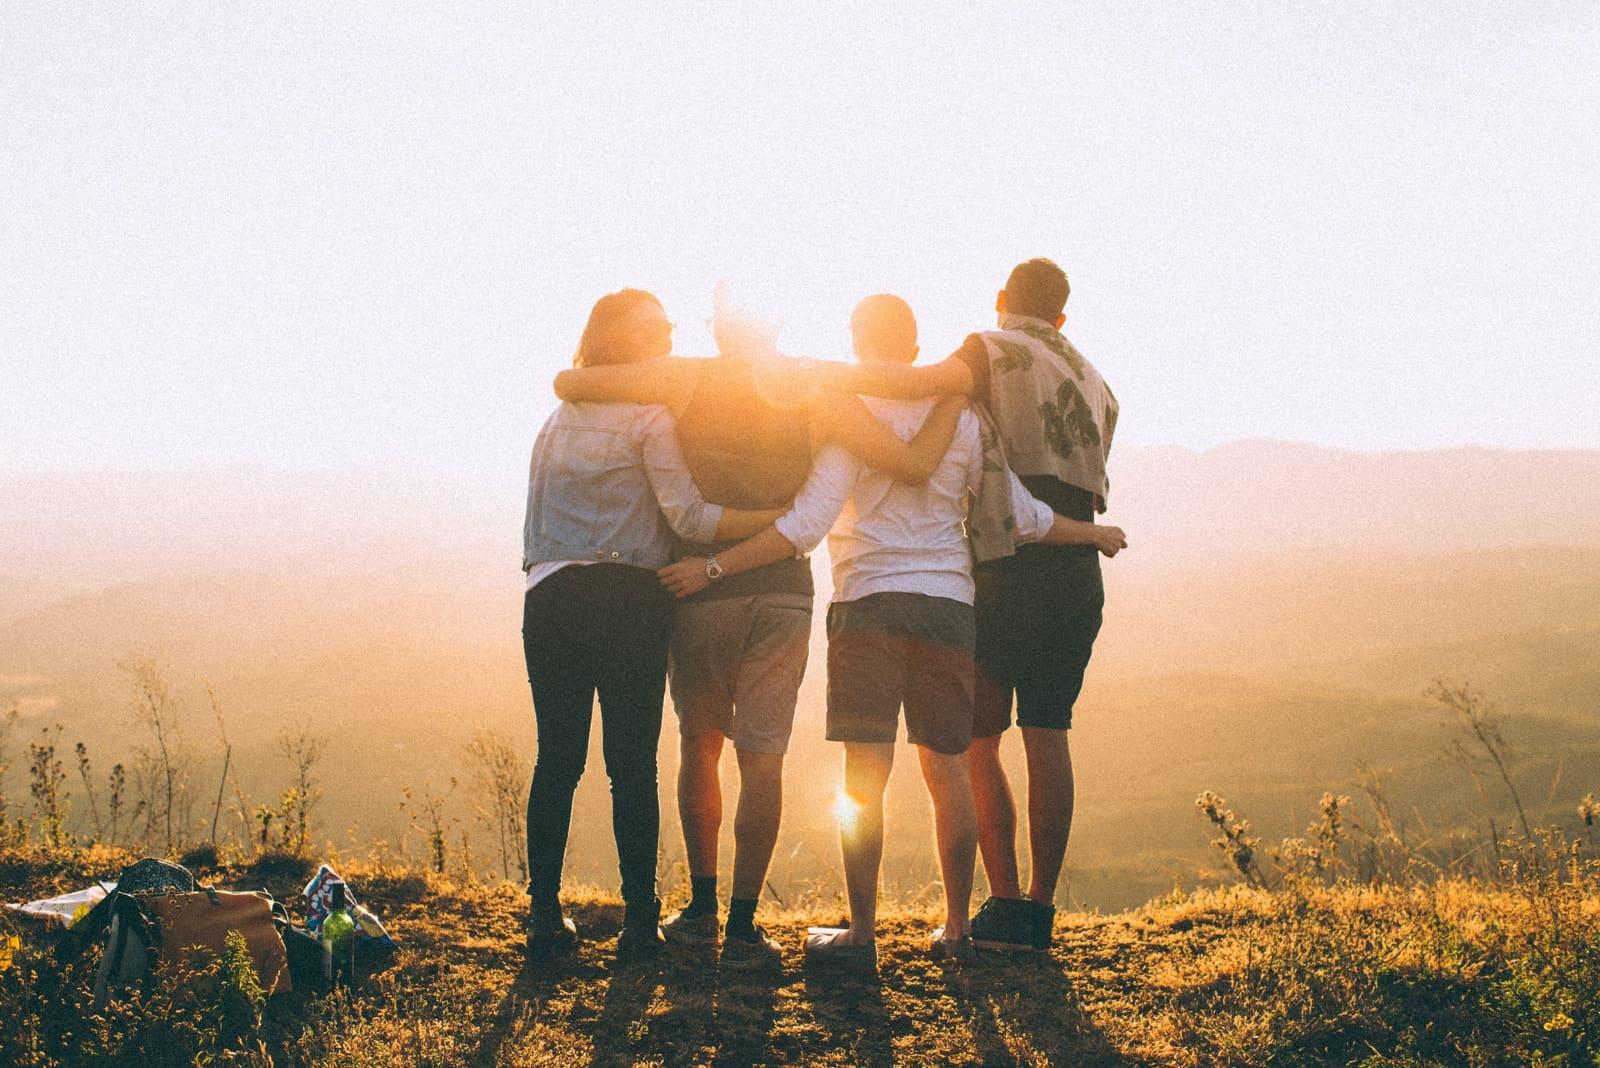 quatre amis s'embrassant en plein air